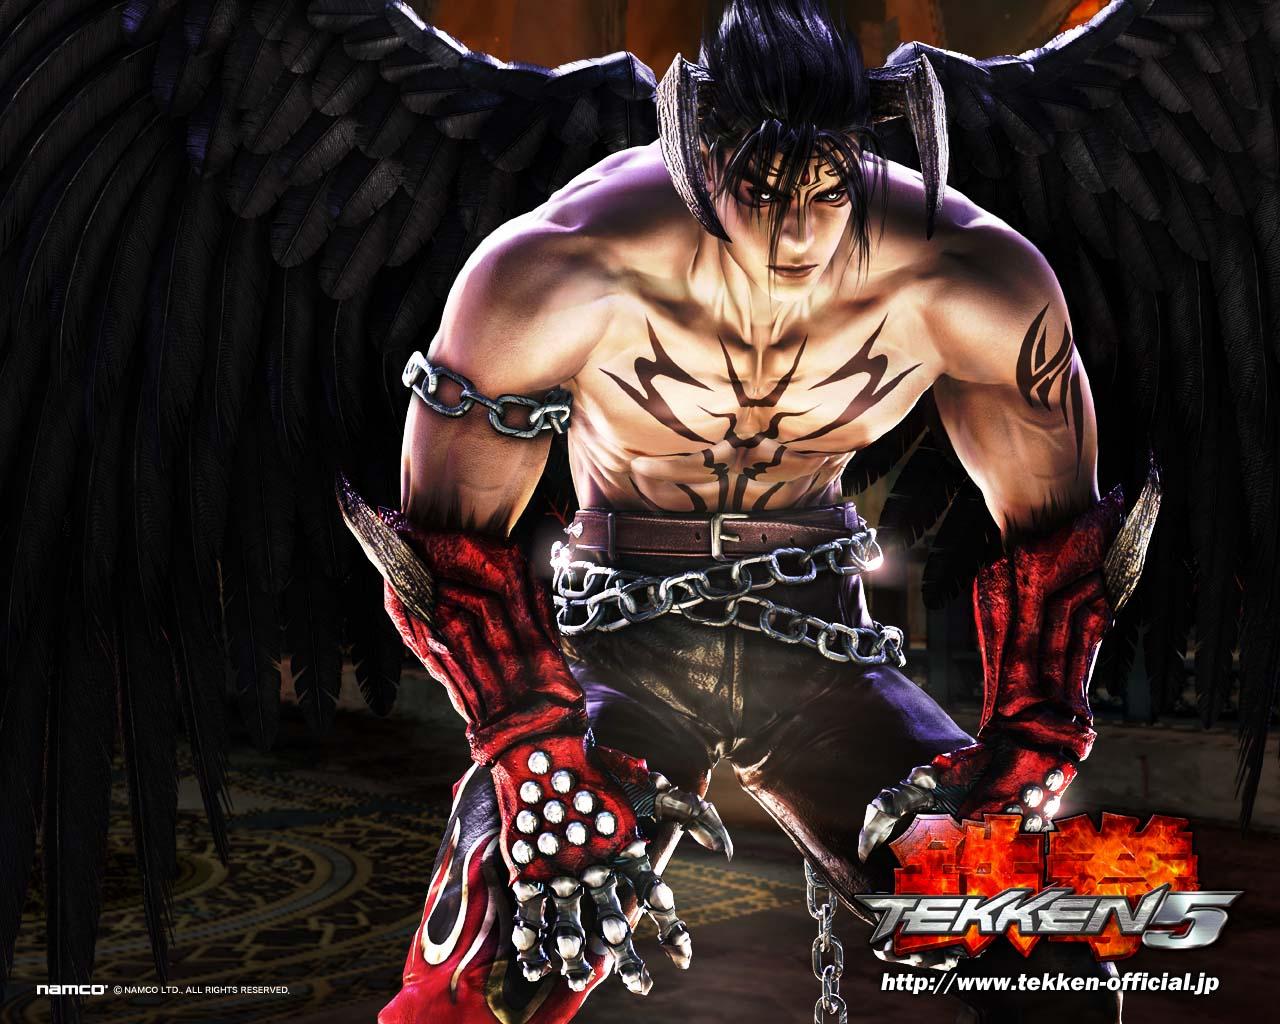 Free Download Jin Tekken 5 Dark Resurrection Wallpaper Devil Jin